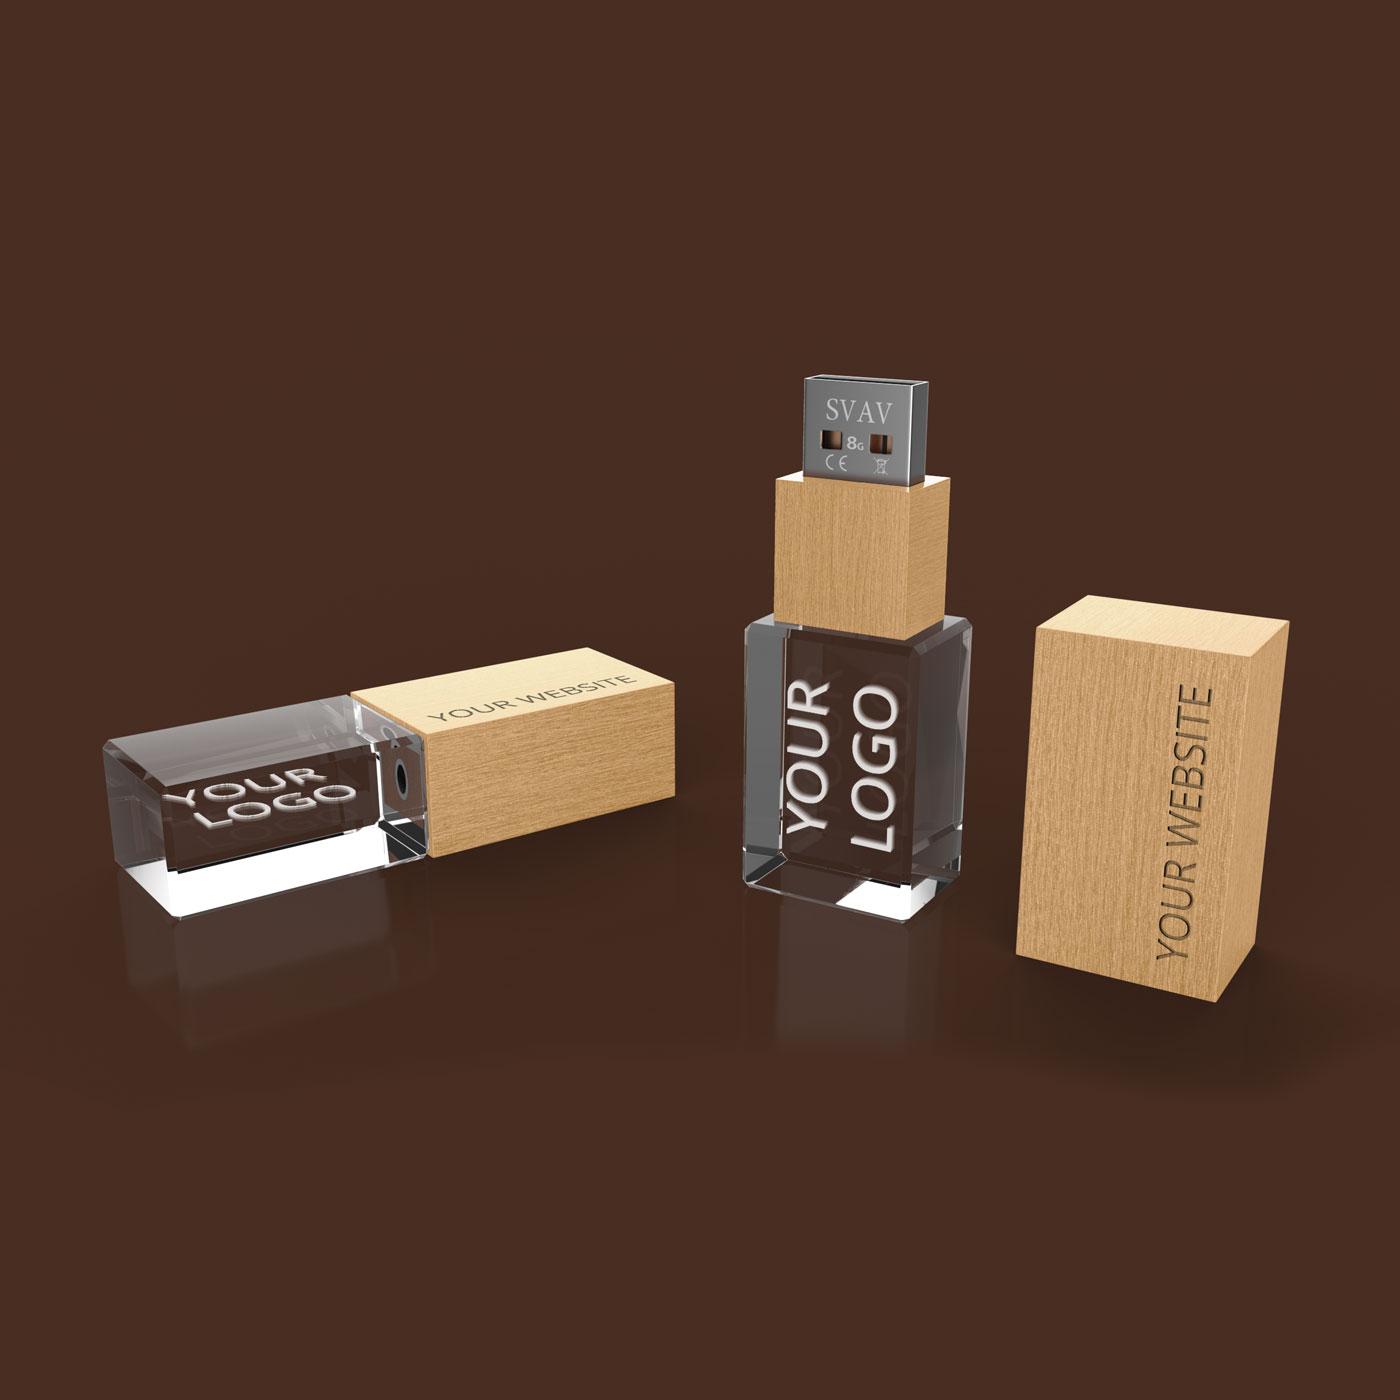 USB-Stick aus Holz und Glas 3Dimensional